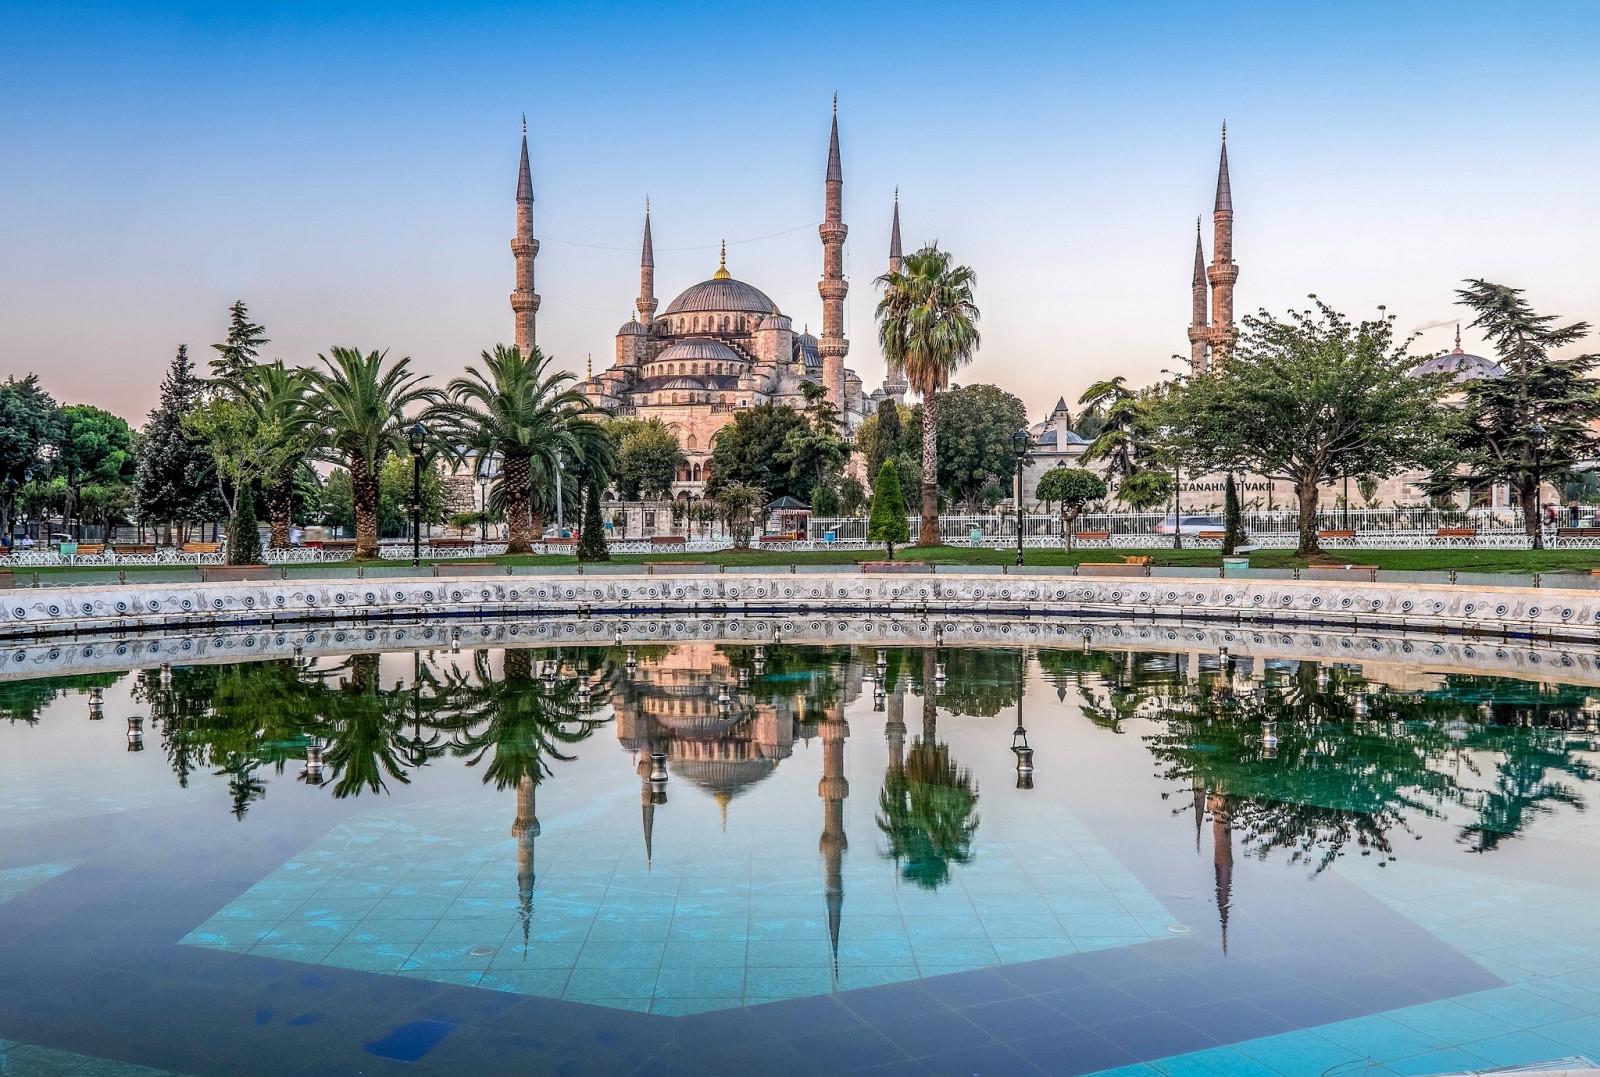 Wallpaper Masjid Biru Sultan Ahmet Mosque Istanbul Turki